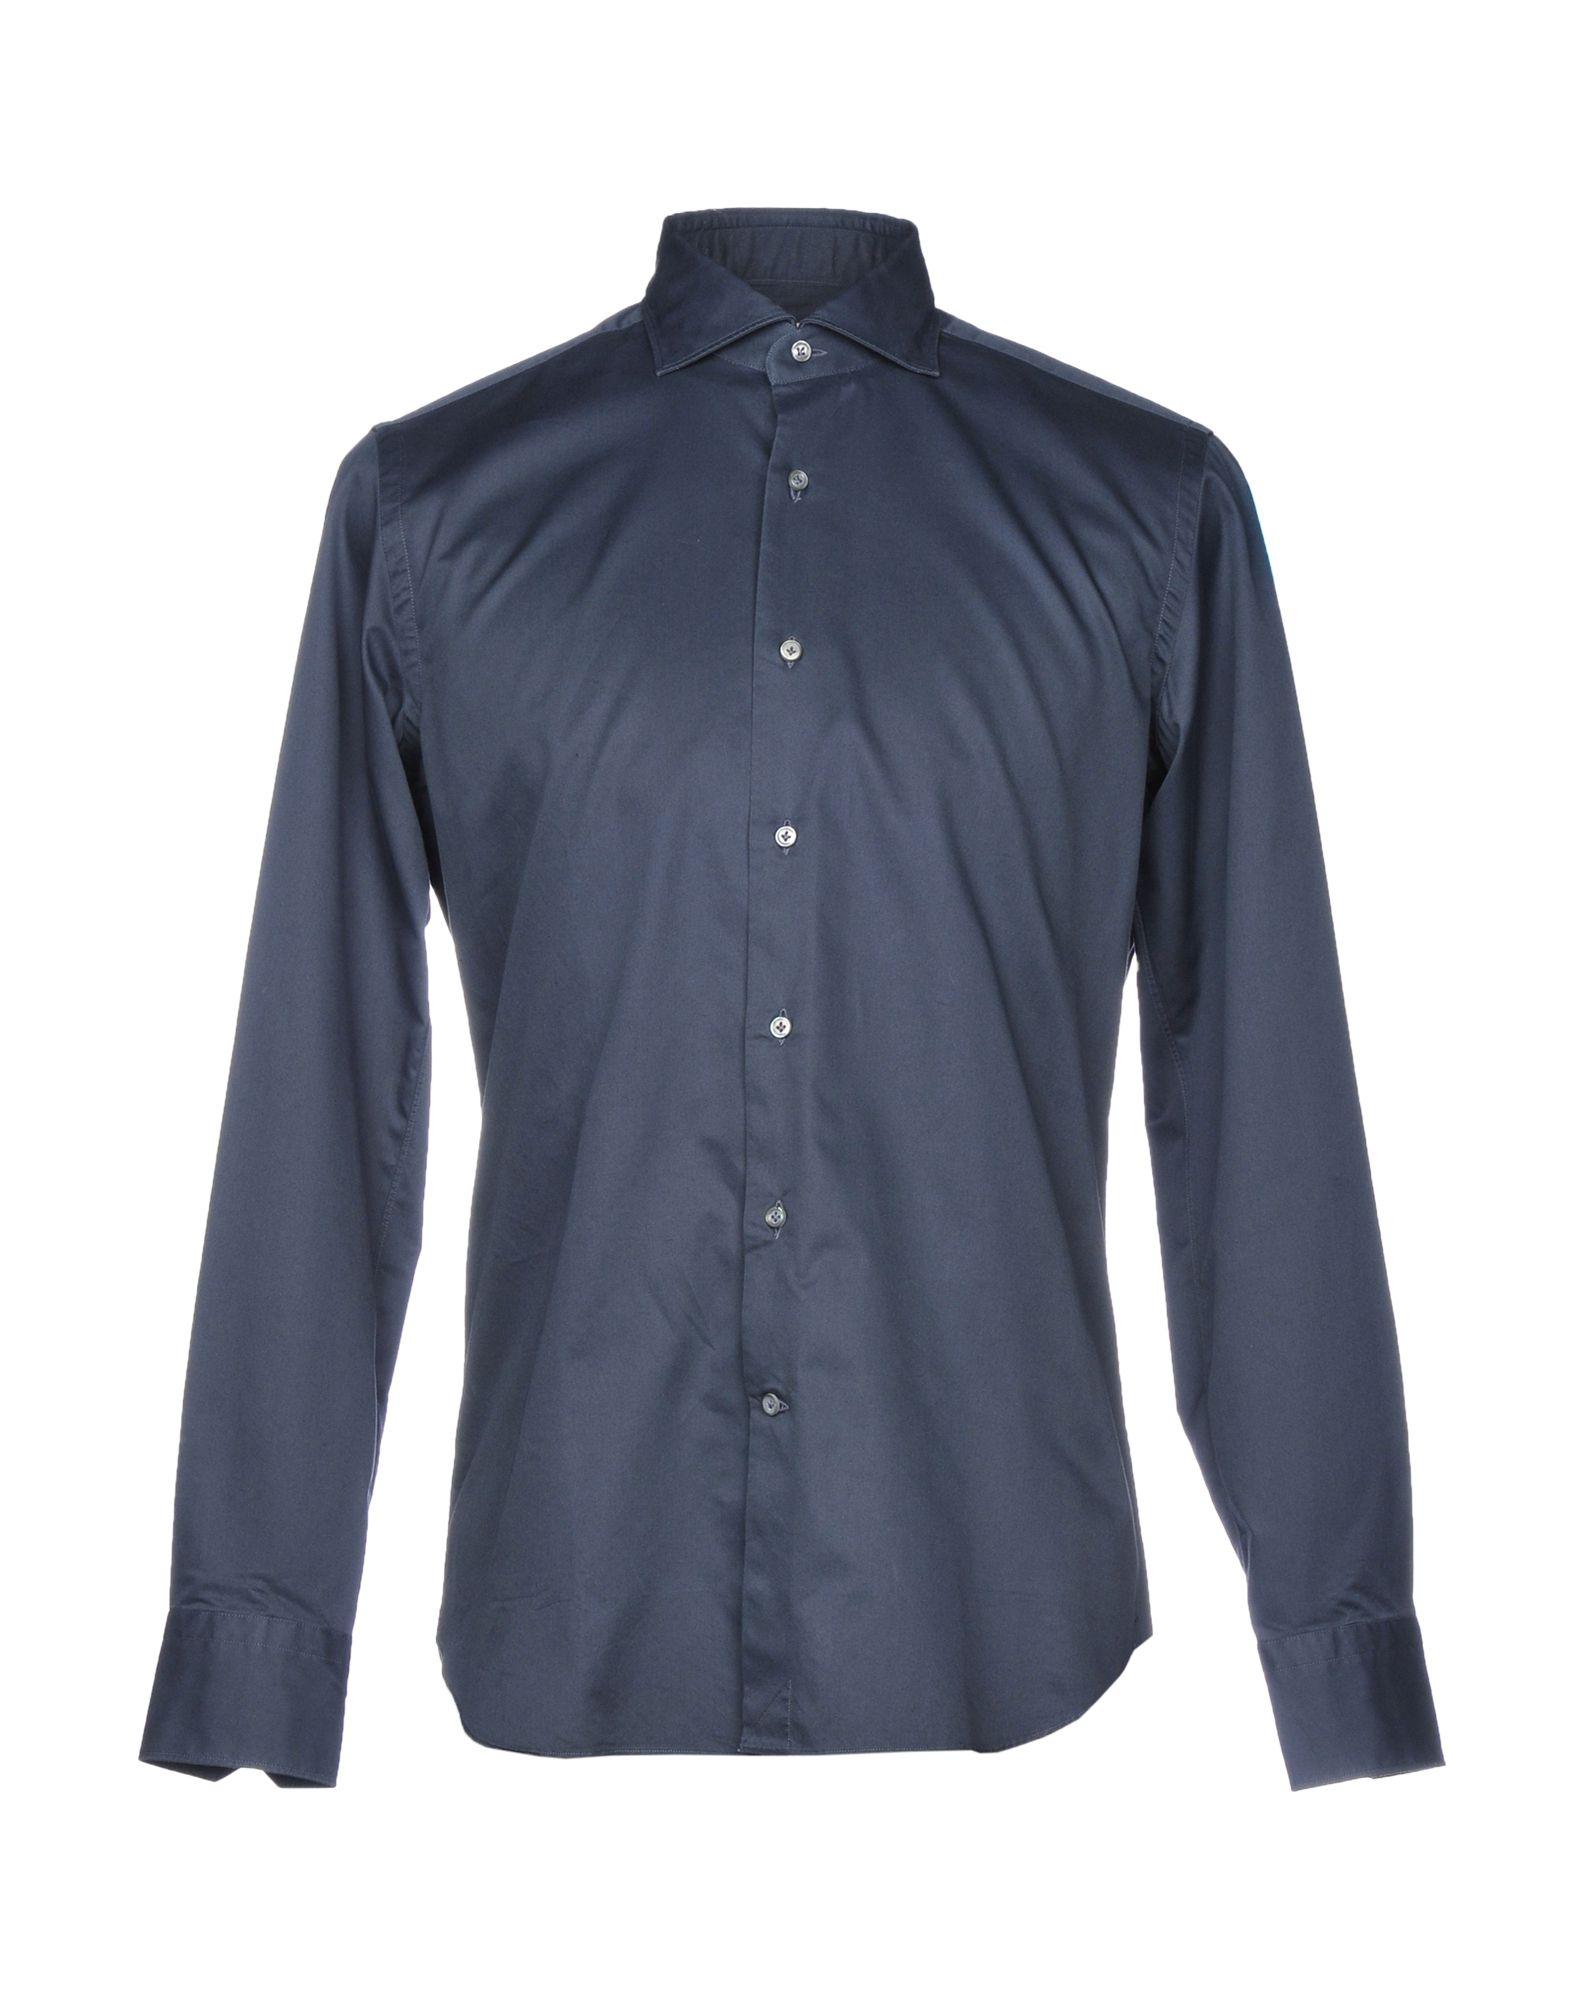 《送料無料》ALESSANDRO GHERARDI メンズ シャツ スチールグレー 38 コットン 100%